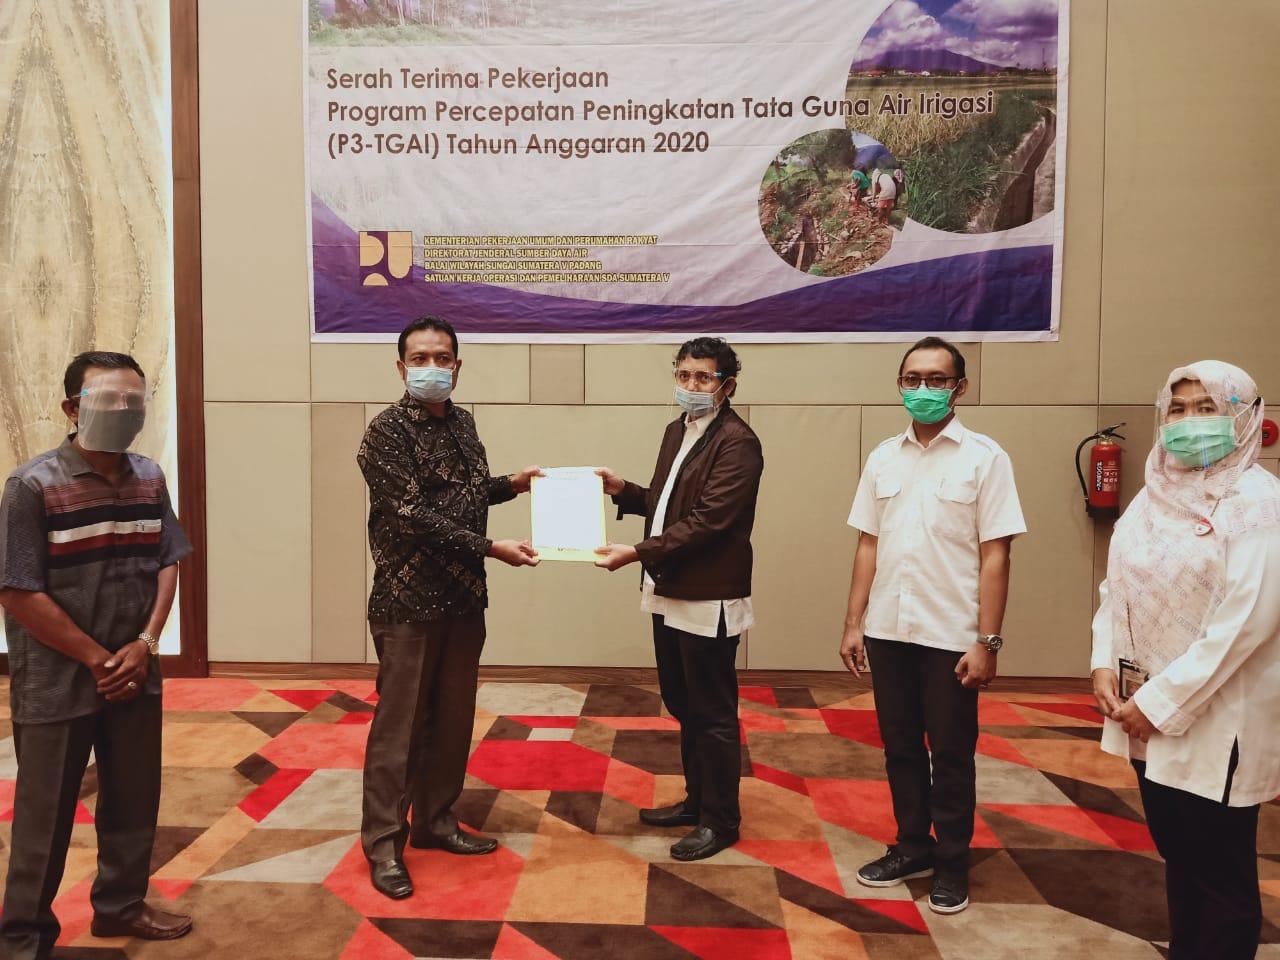 BWS S V Padang Lakukan Serah Terima Pekerjaan P3-TGAI Tahap II Tahun Anggaran 2020